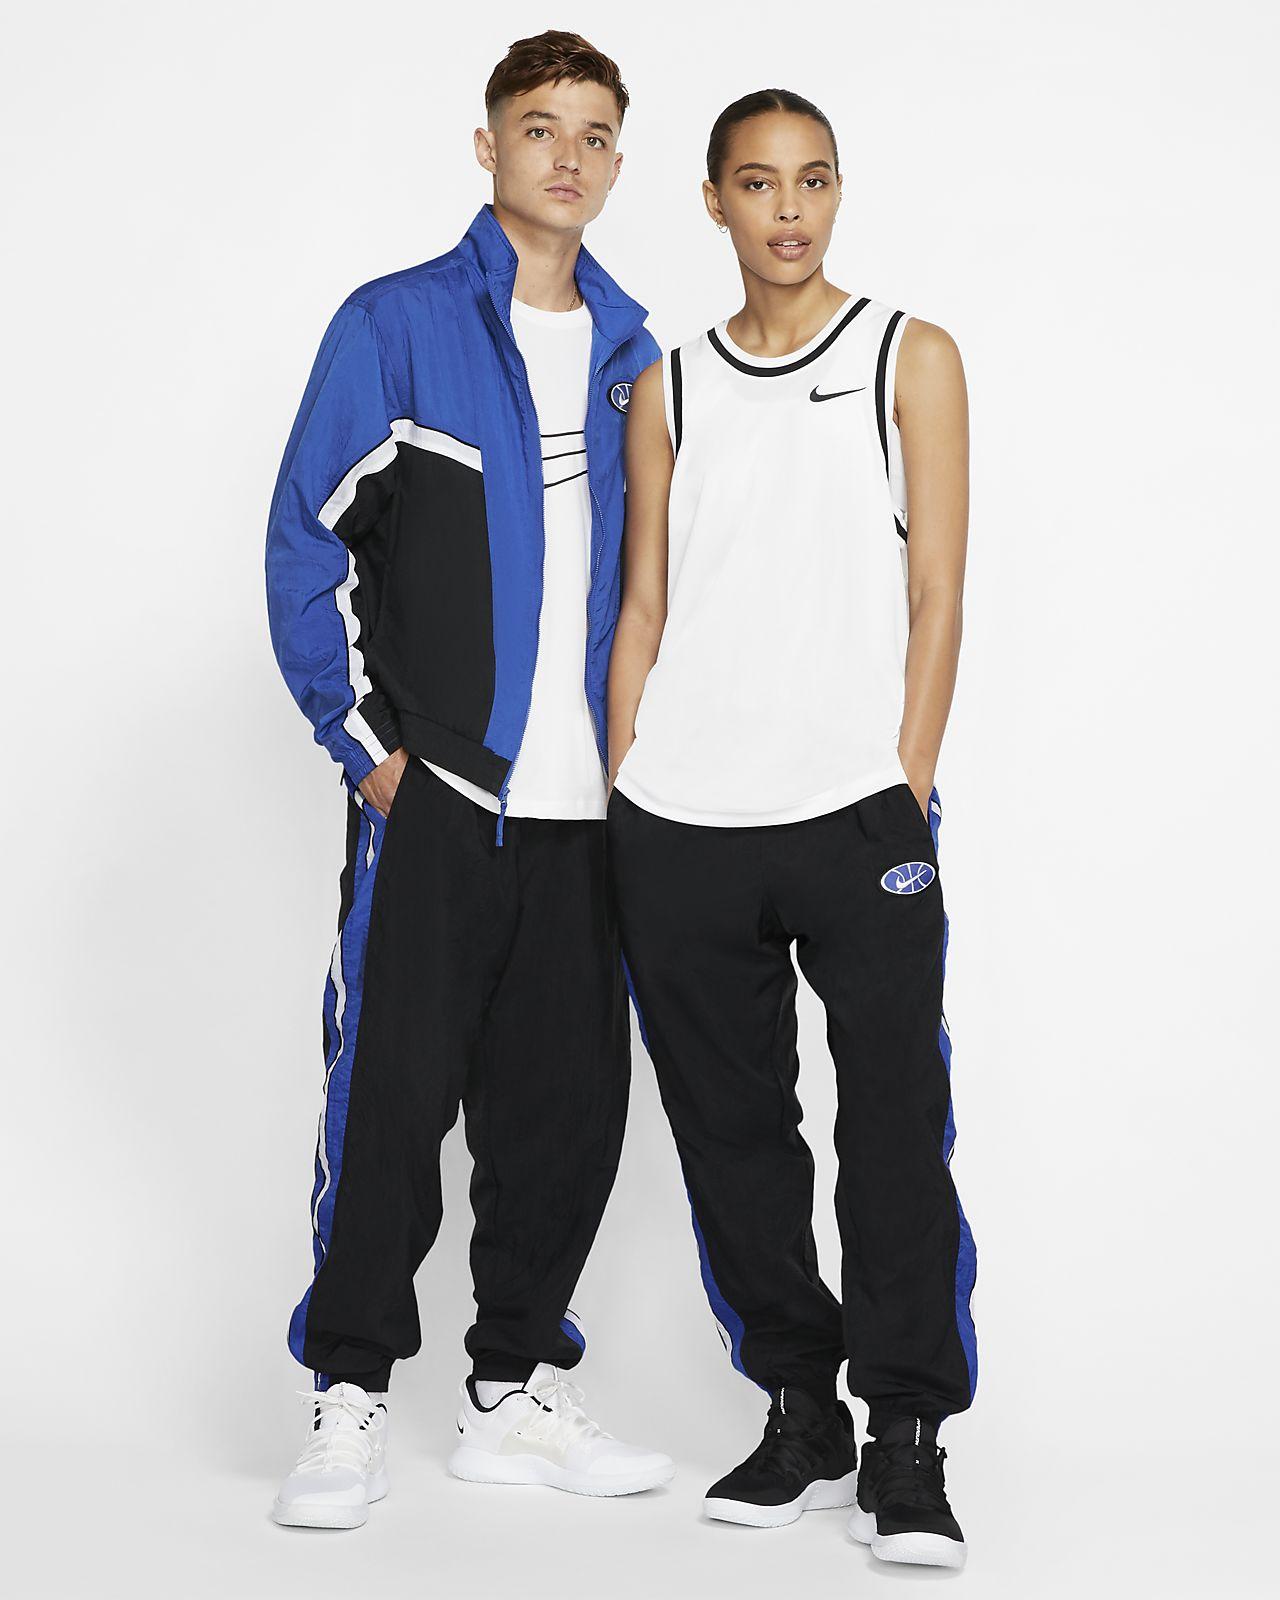 Tkané basketbalové kalhoty Nike Throwback